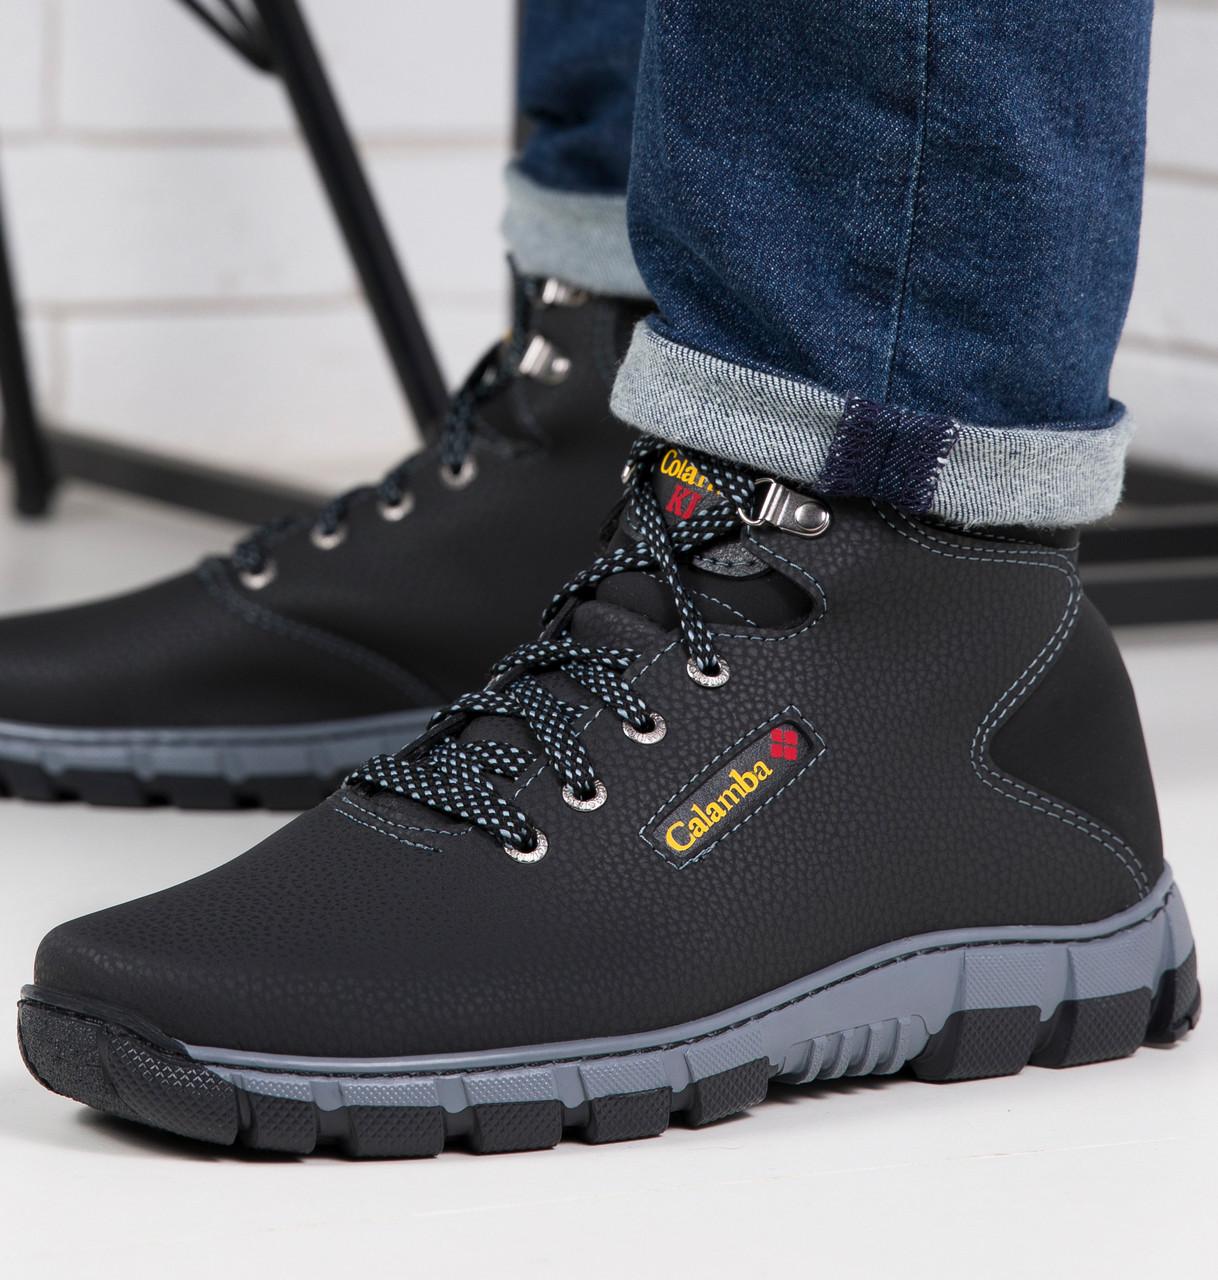 Ботинки мужские зимние на меху -20°C